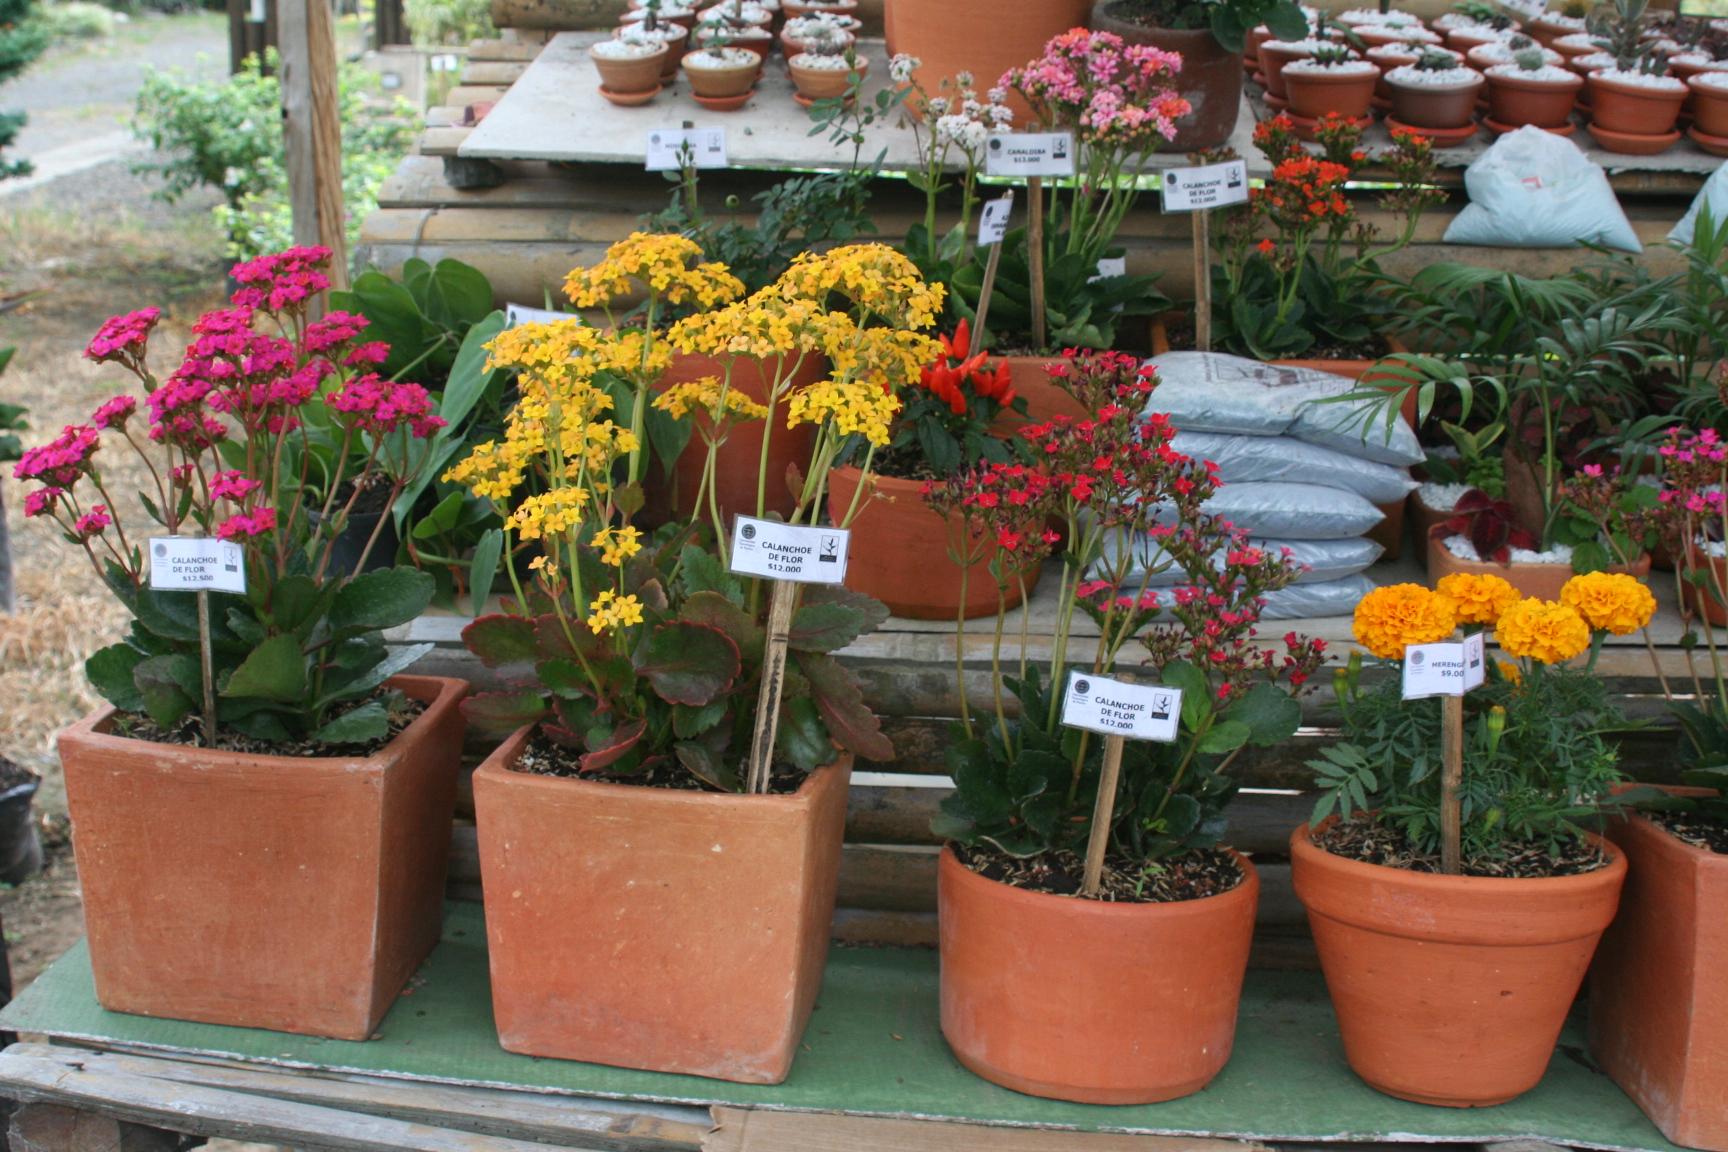 Jard n bot nico adquiere nuestras plantas for Plantas que hay en un vivero